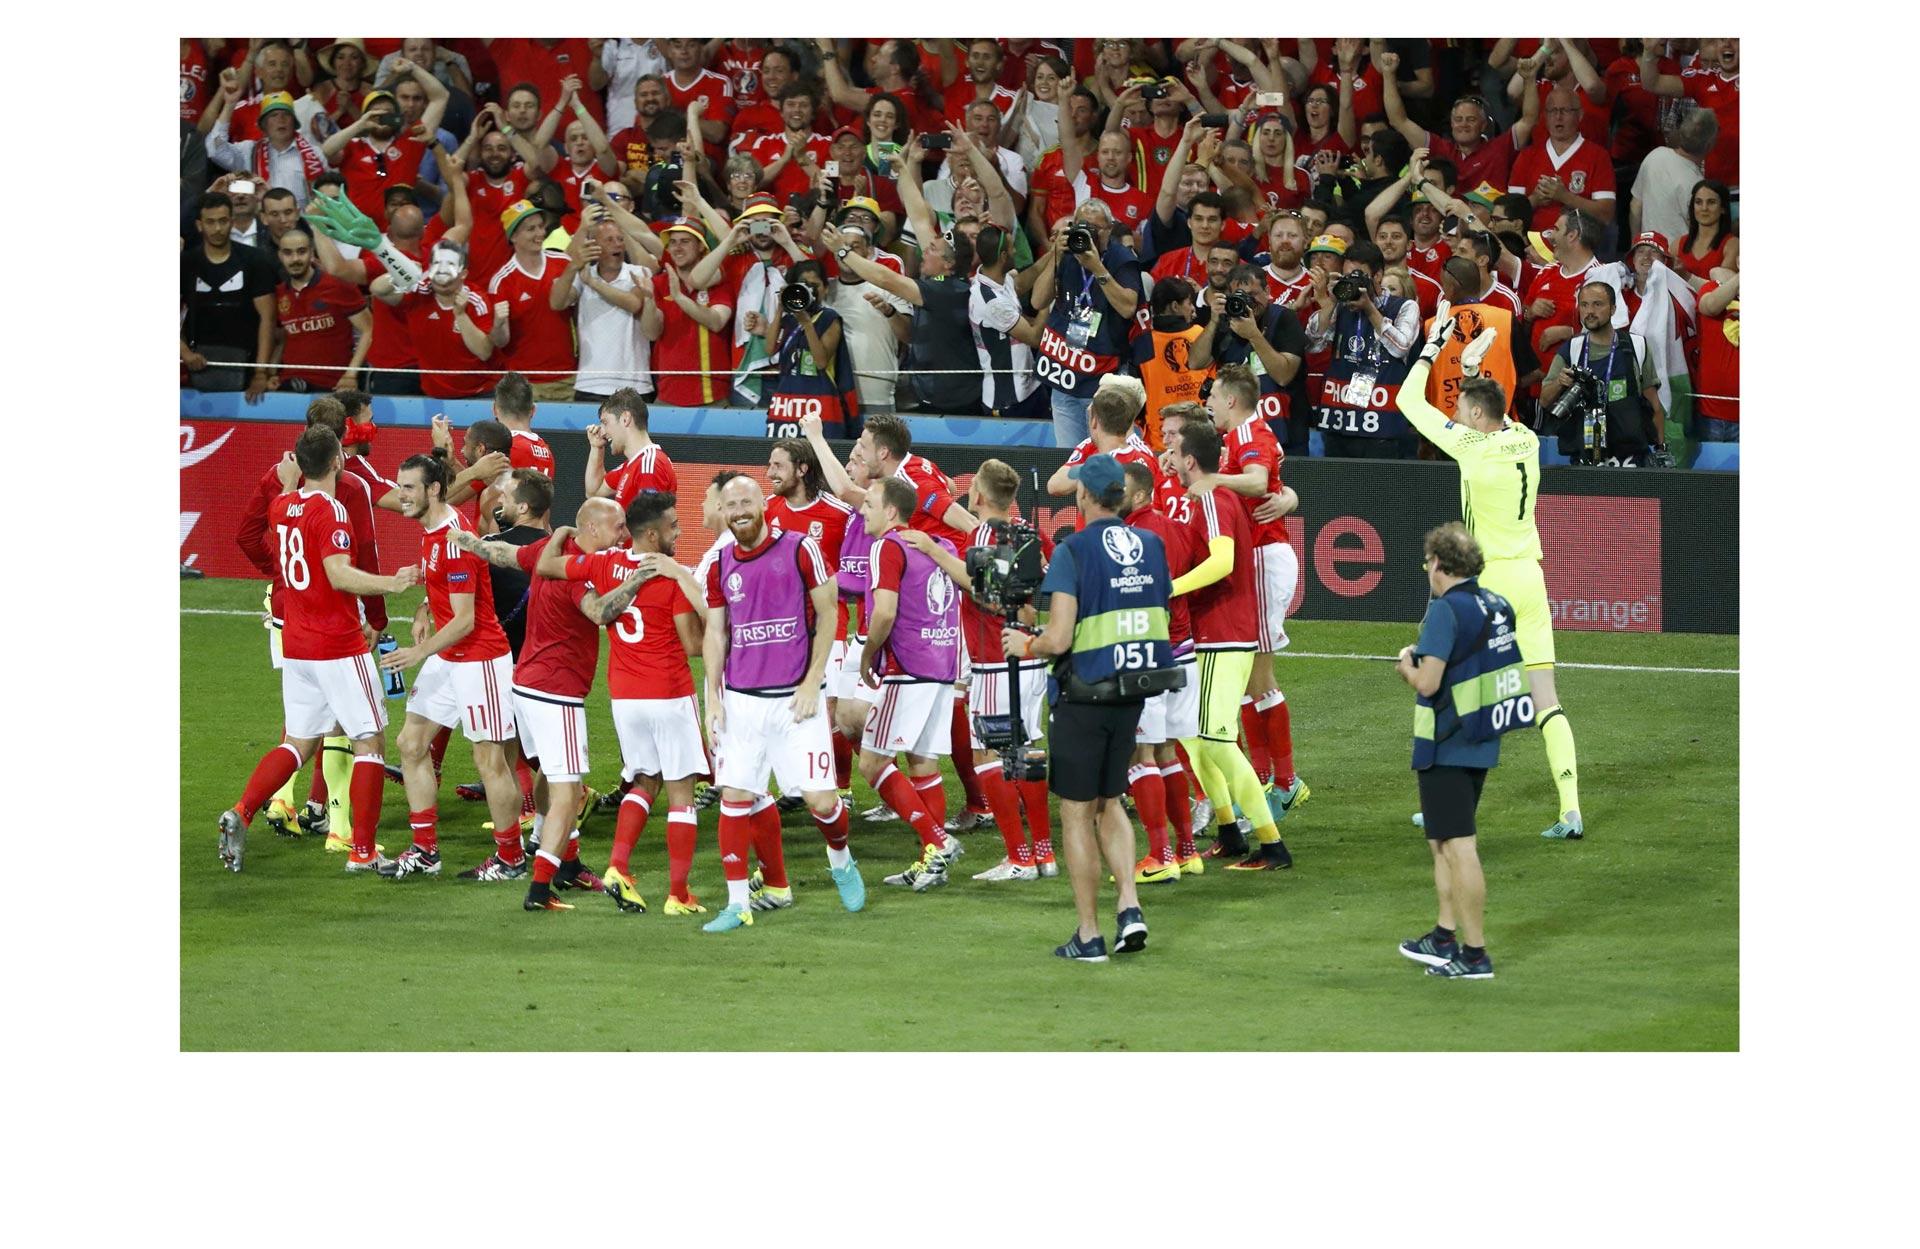 En su primera participación en un Eurocopa, pasó primero de grupo, por delante de Inglaterra